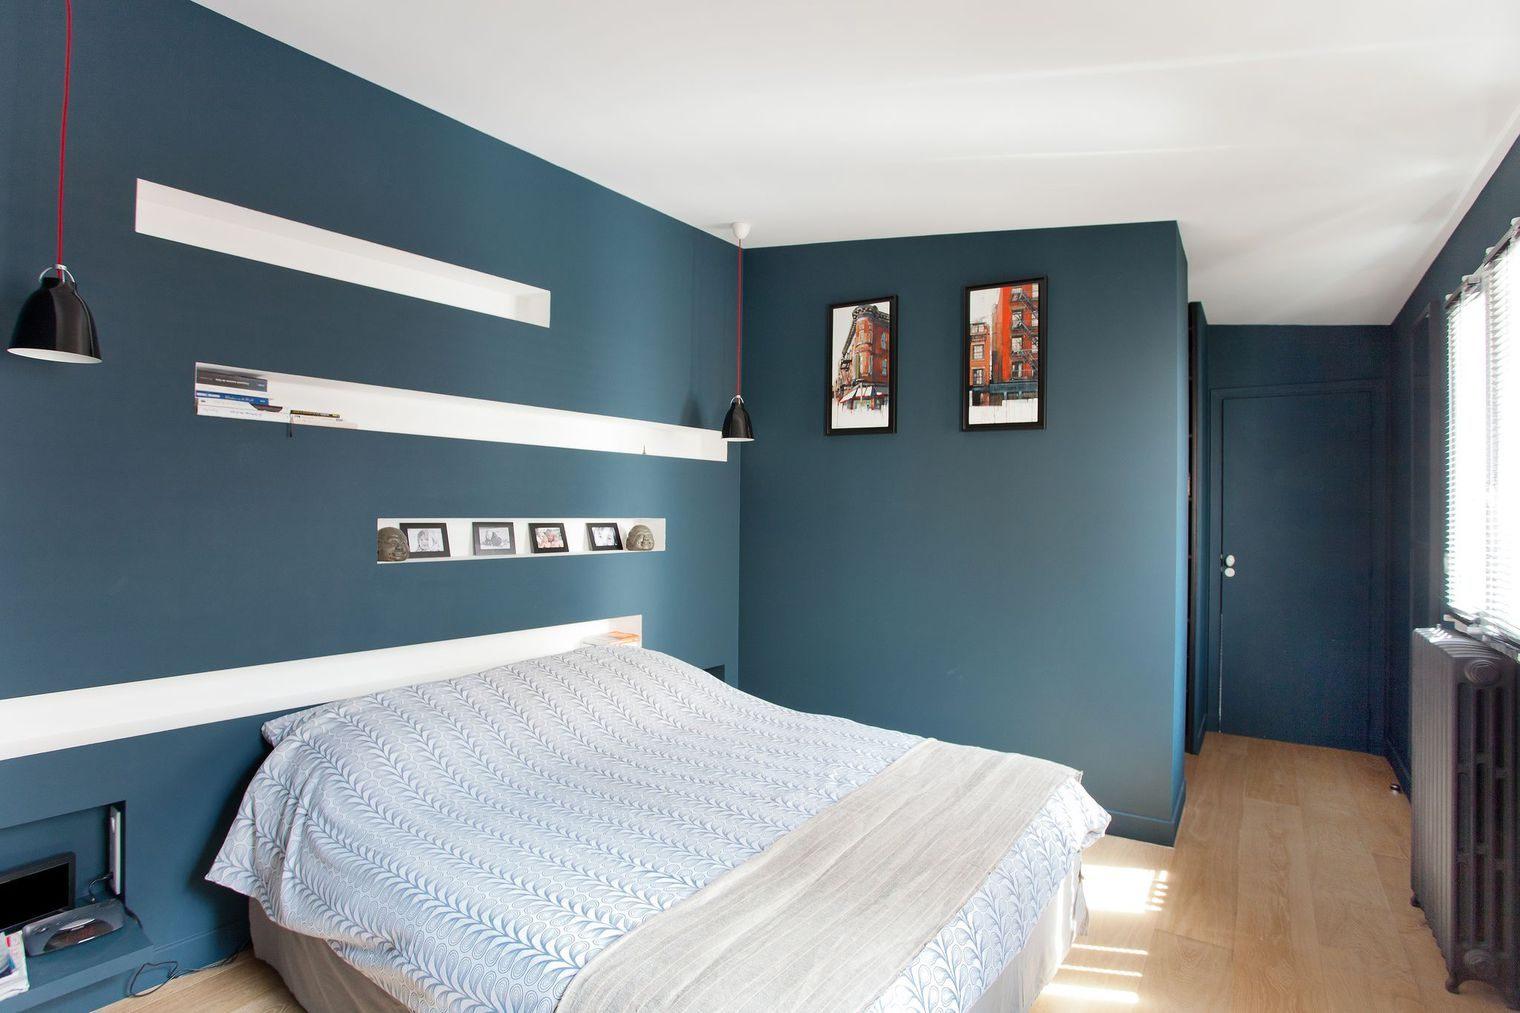 Bout Chambres Alinea Lit Chevet Chambre Design Sorte Bois Reine Des